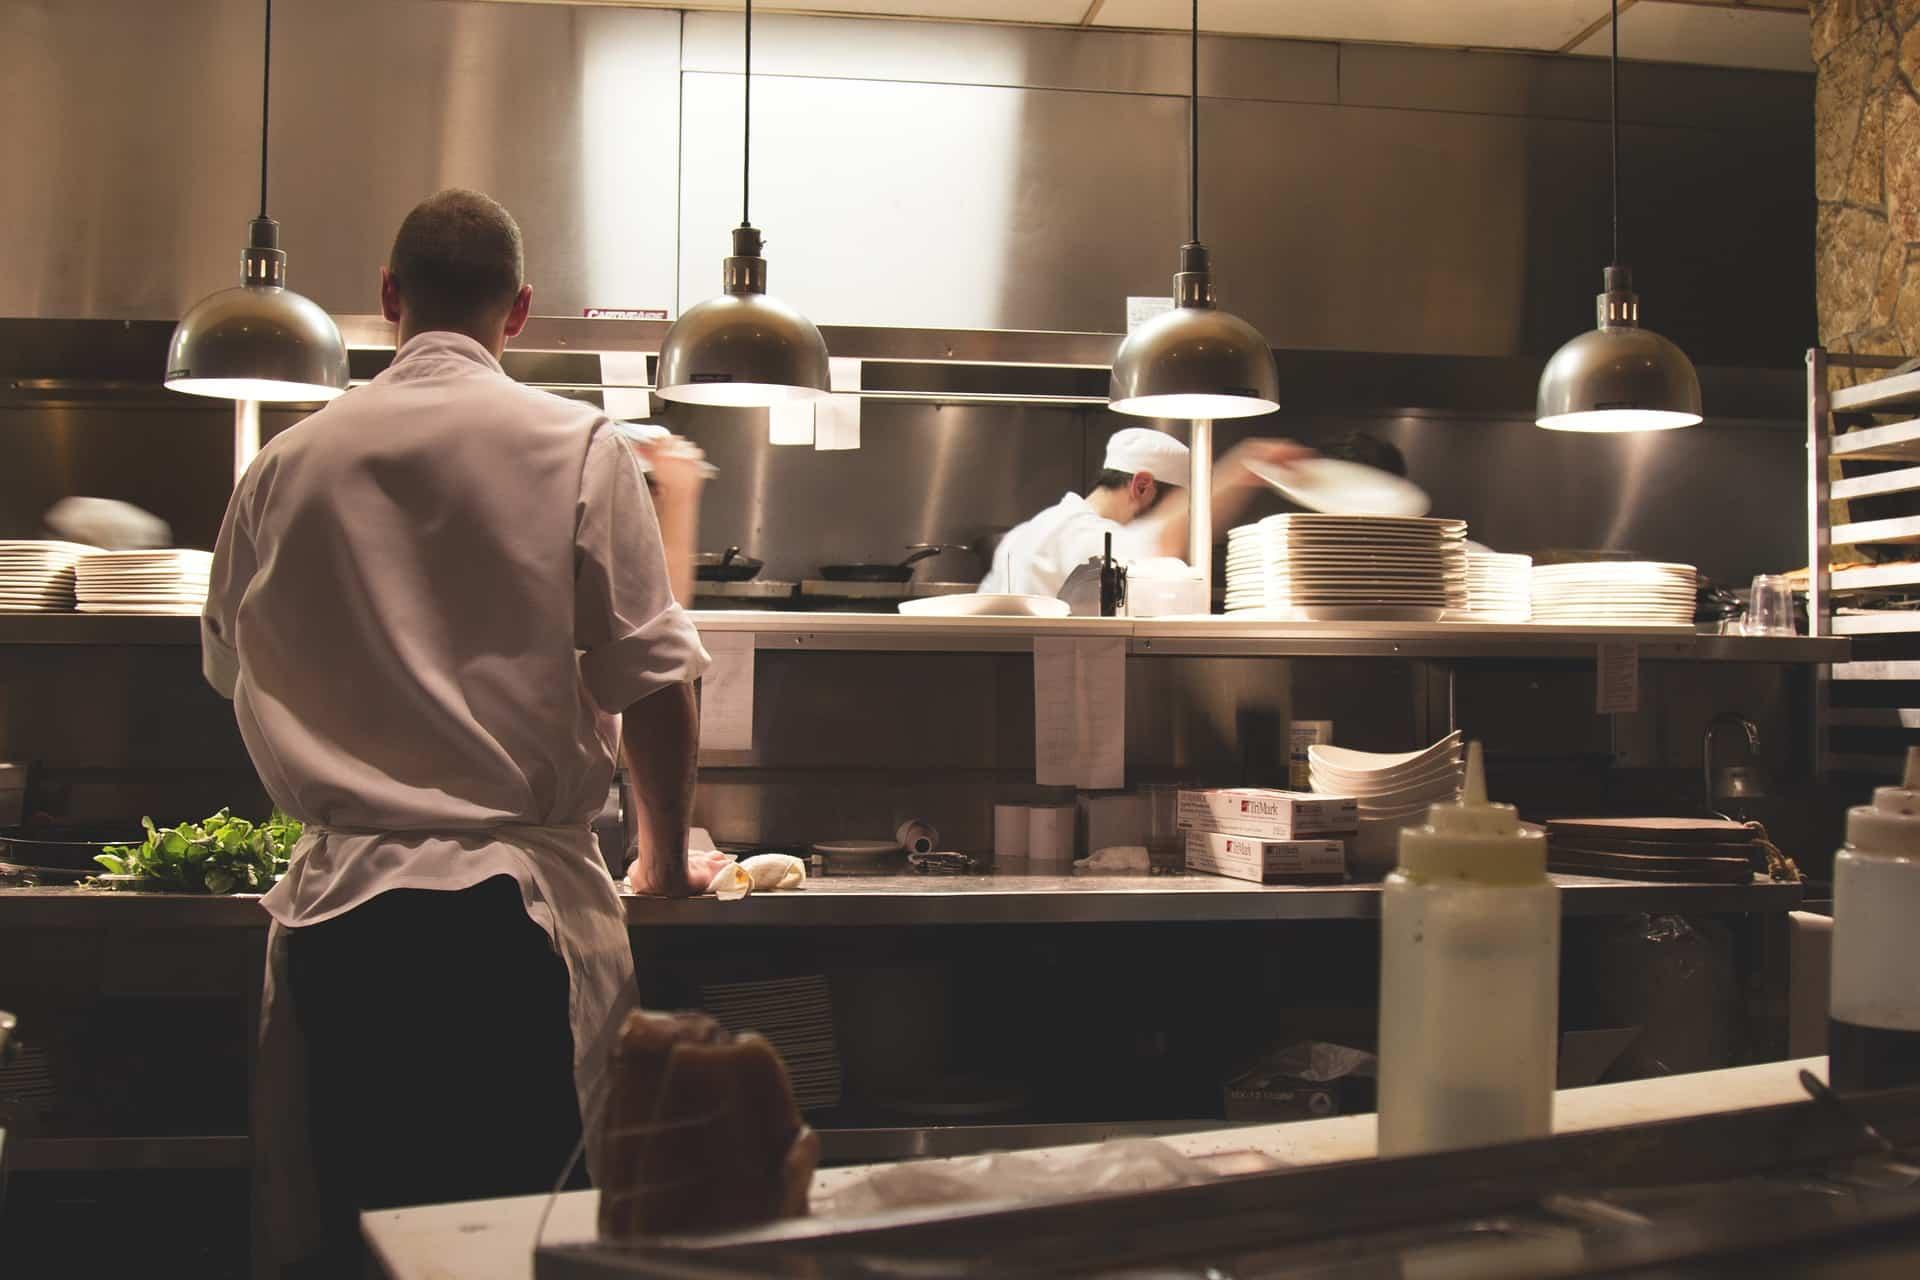 kitchen 731351 1920 - การเข้าเล่มงานพิมพ์เมนูอาหารแบบต่างๆ